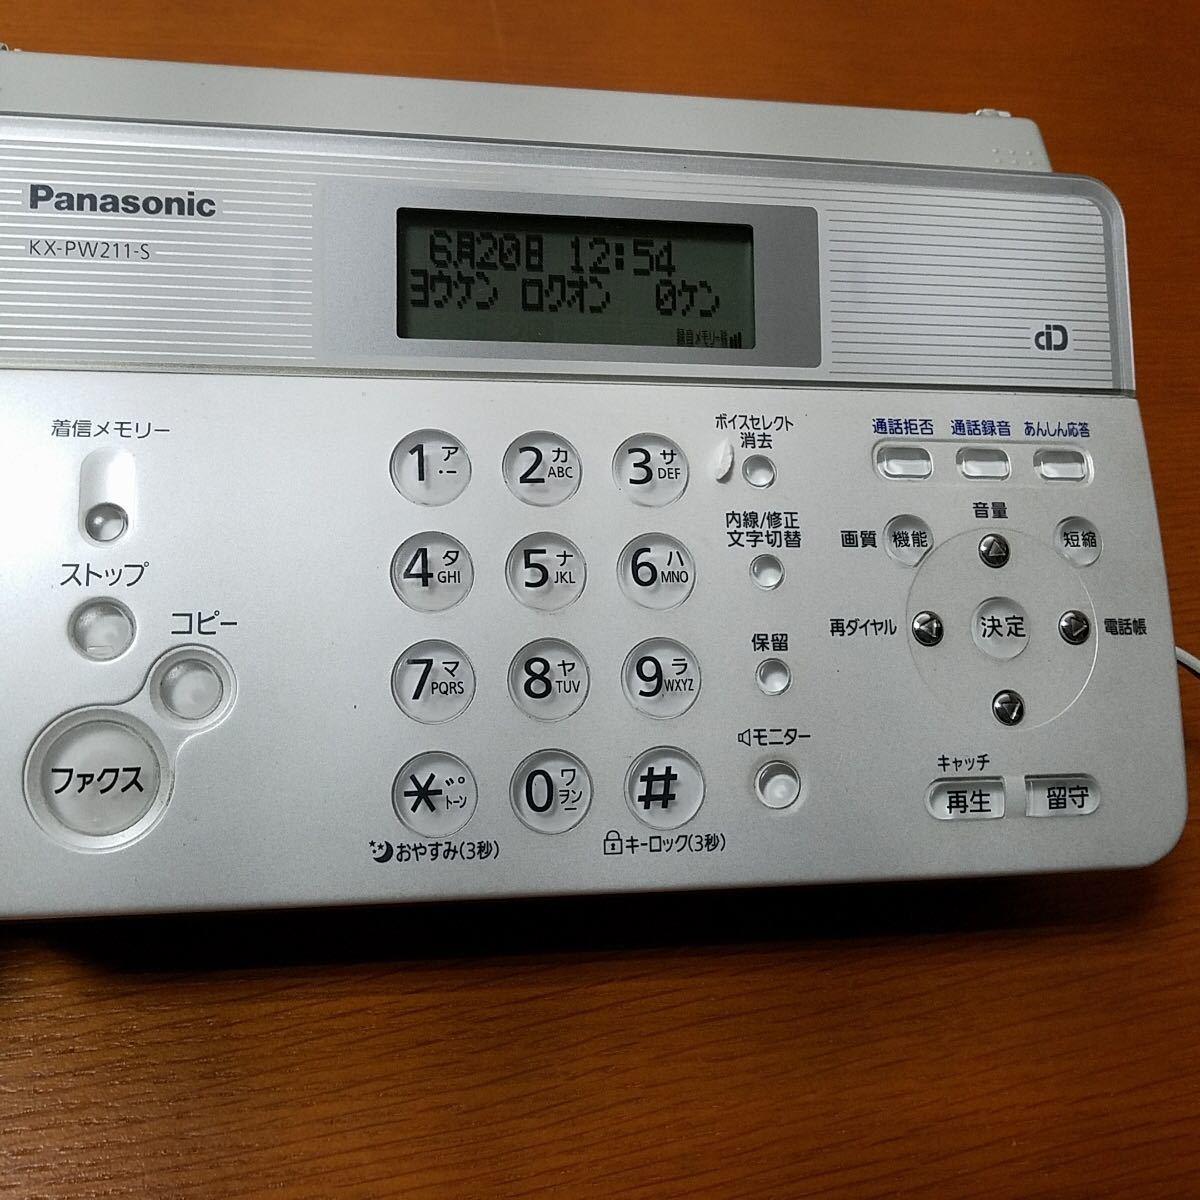 元箱入り 美品 Panasonic KX-PW211DL-S パナソニック パーソナルファックス おたっくす 電話機 親機_画像3